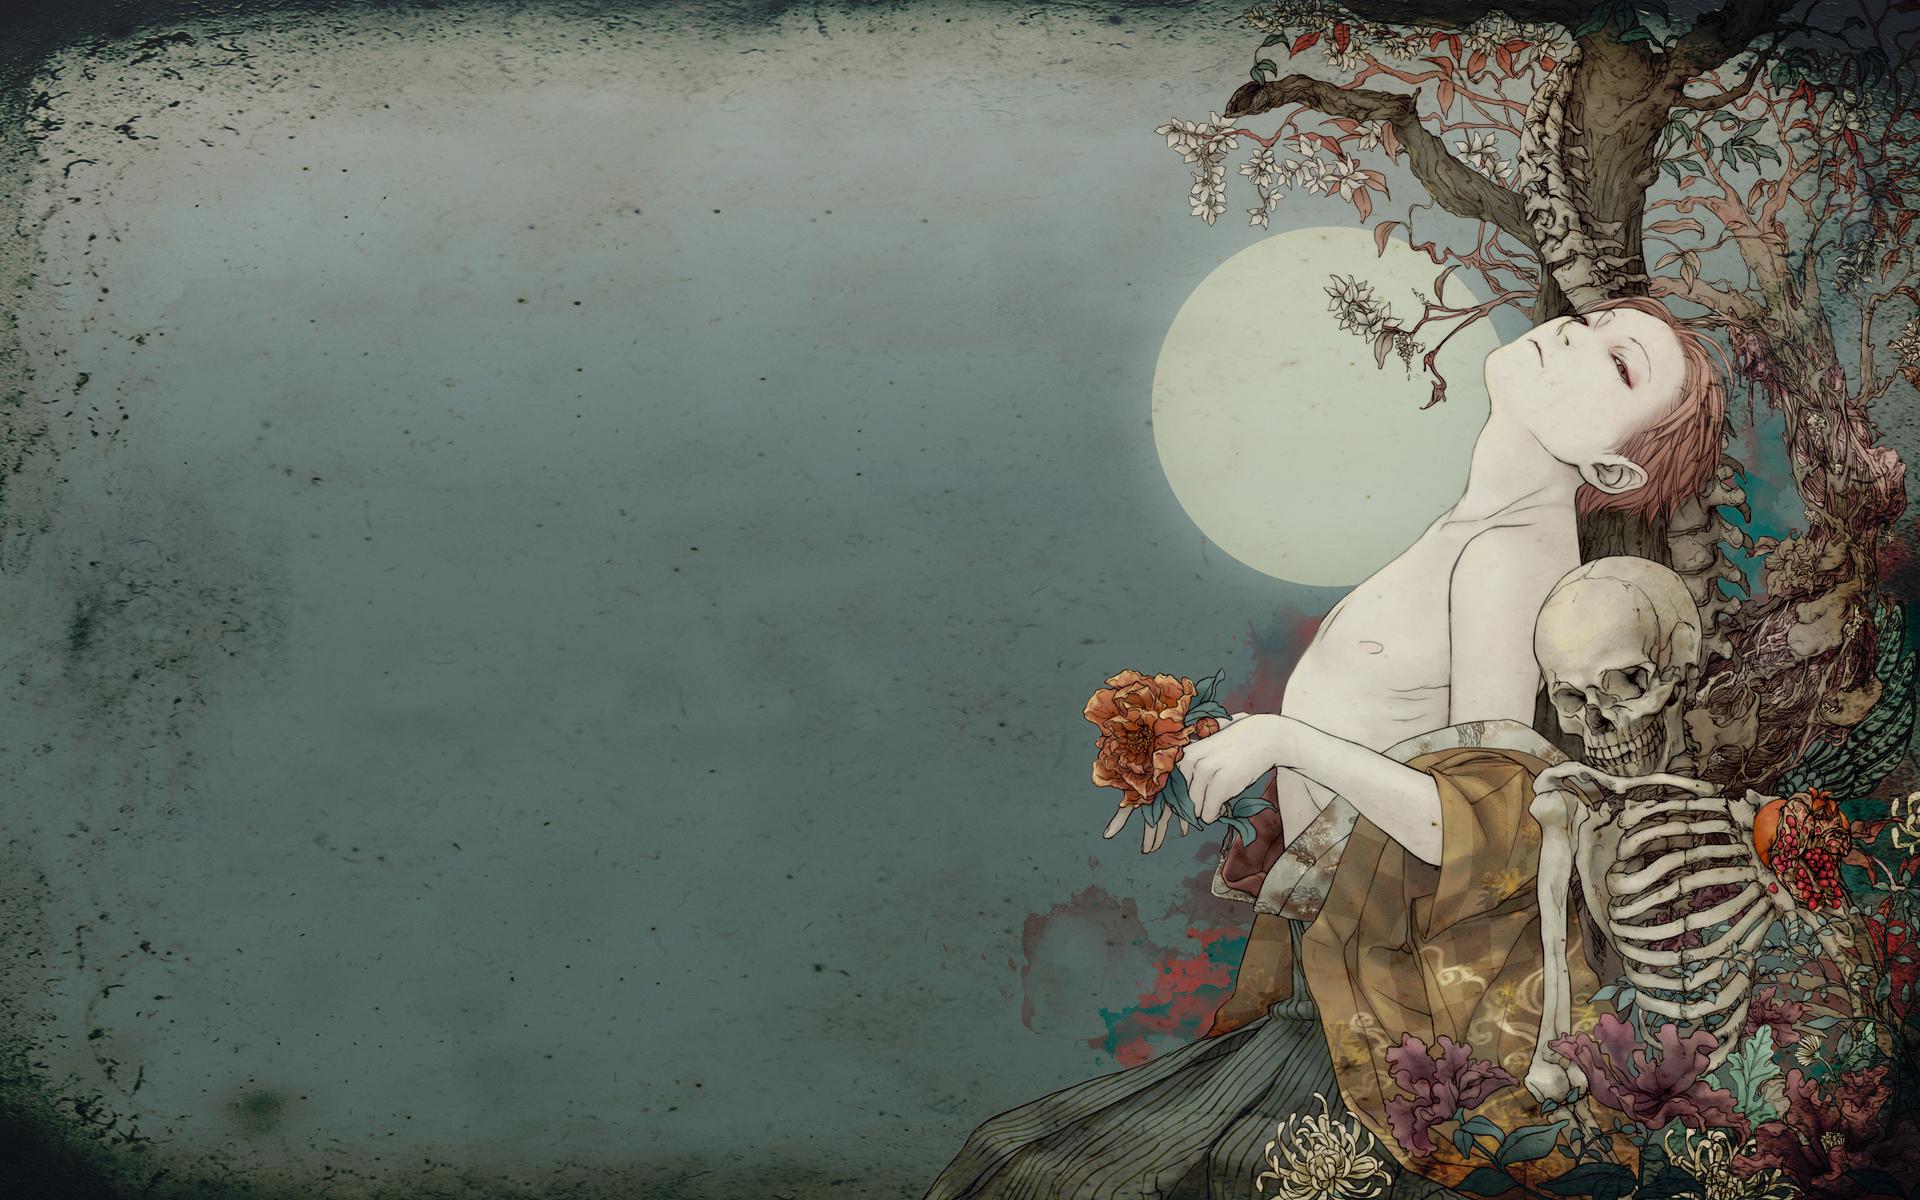 Dead Love Girl Wallpaper : Dark fantasy gothic mood death love romance skeleton skull art gothic wallpaper 1920x1200 ...